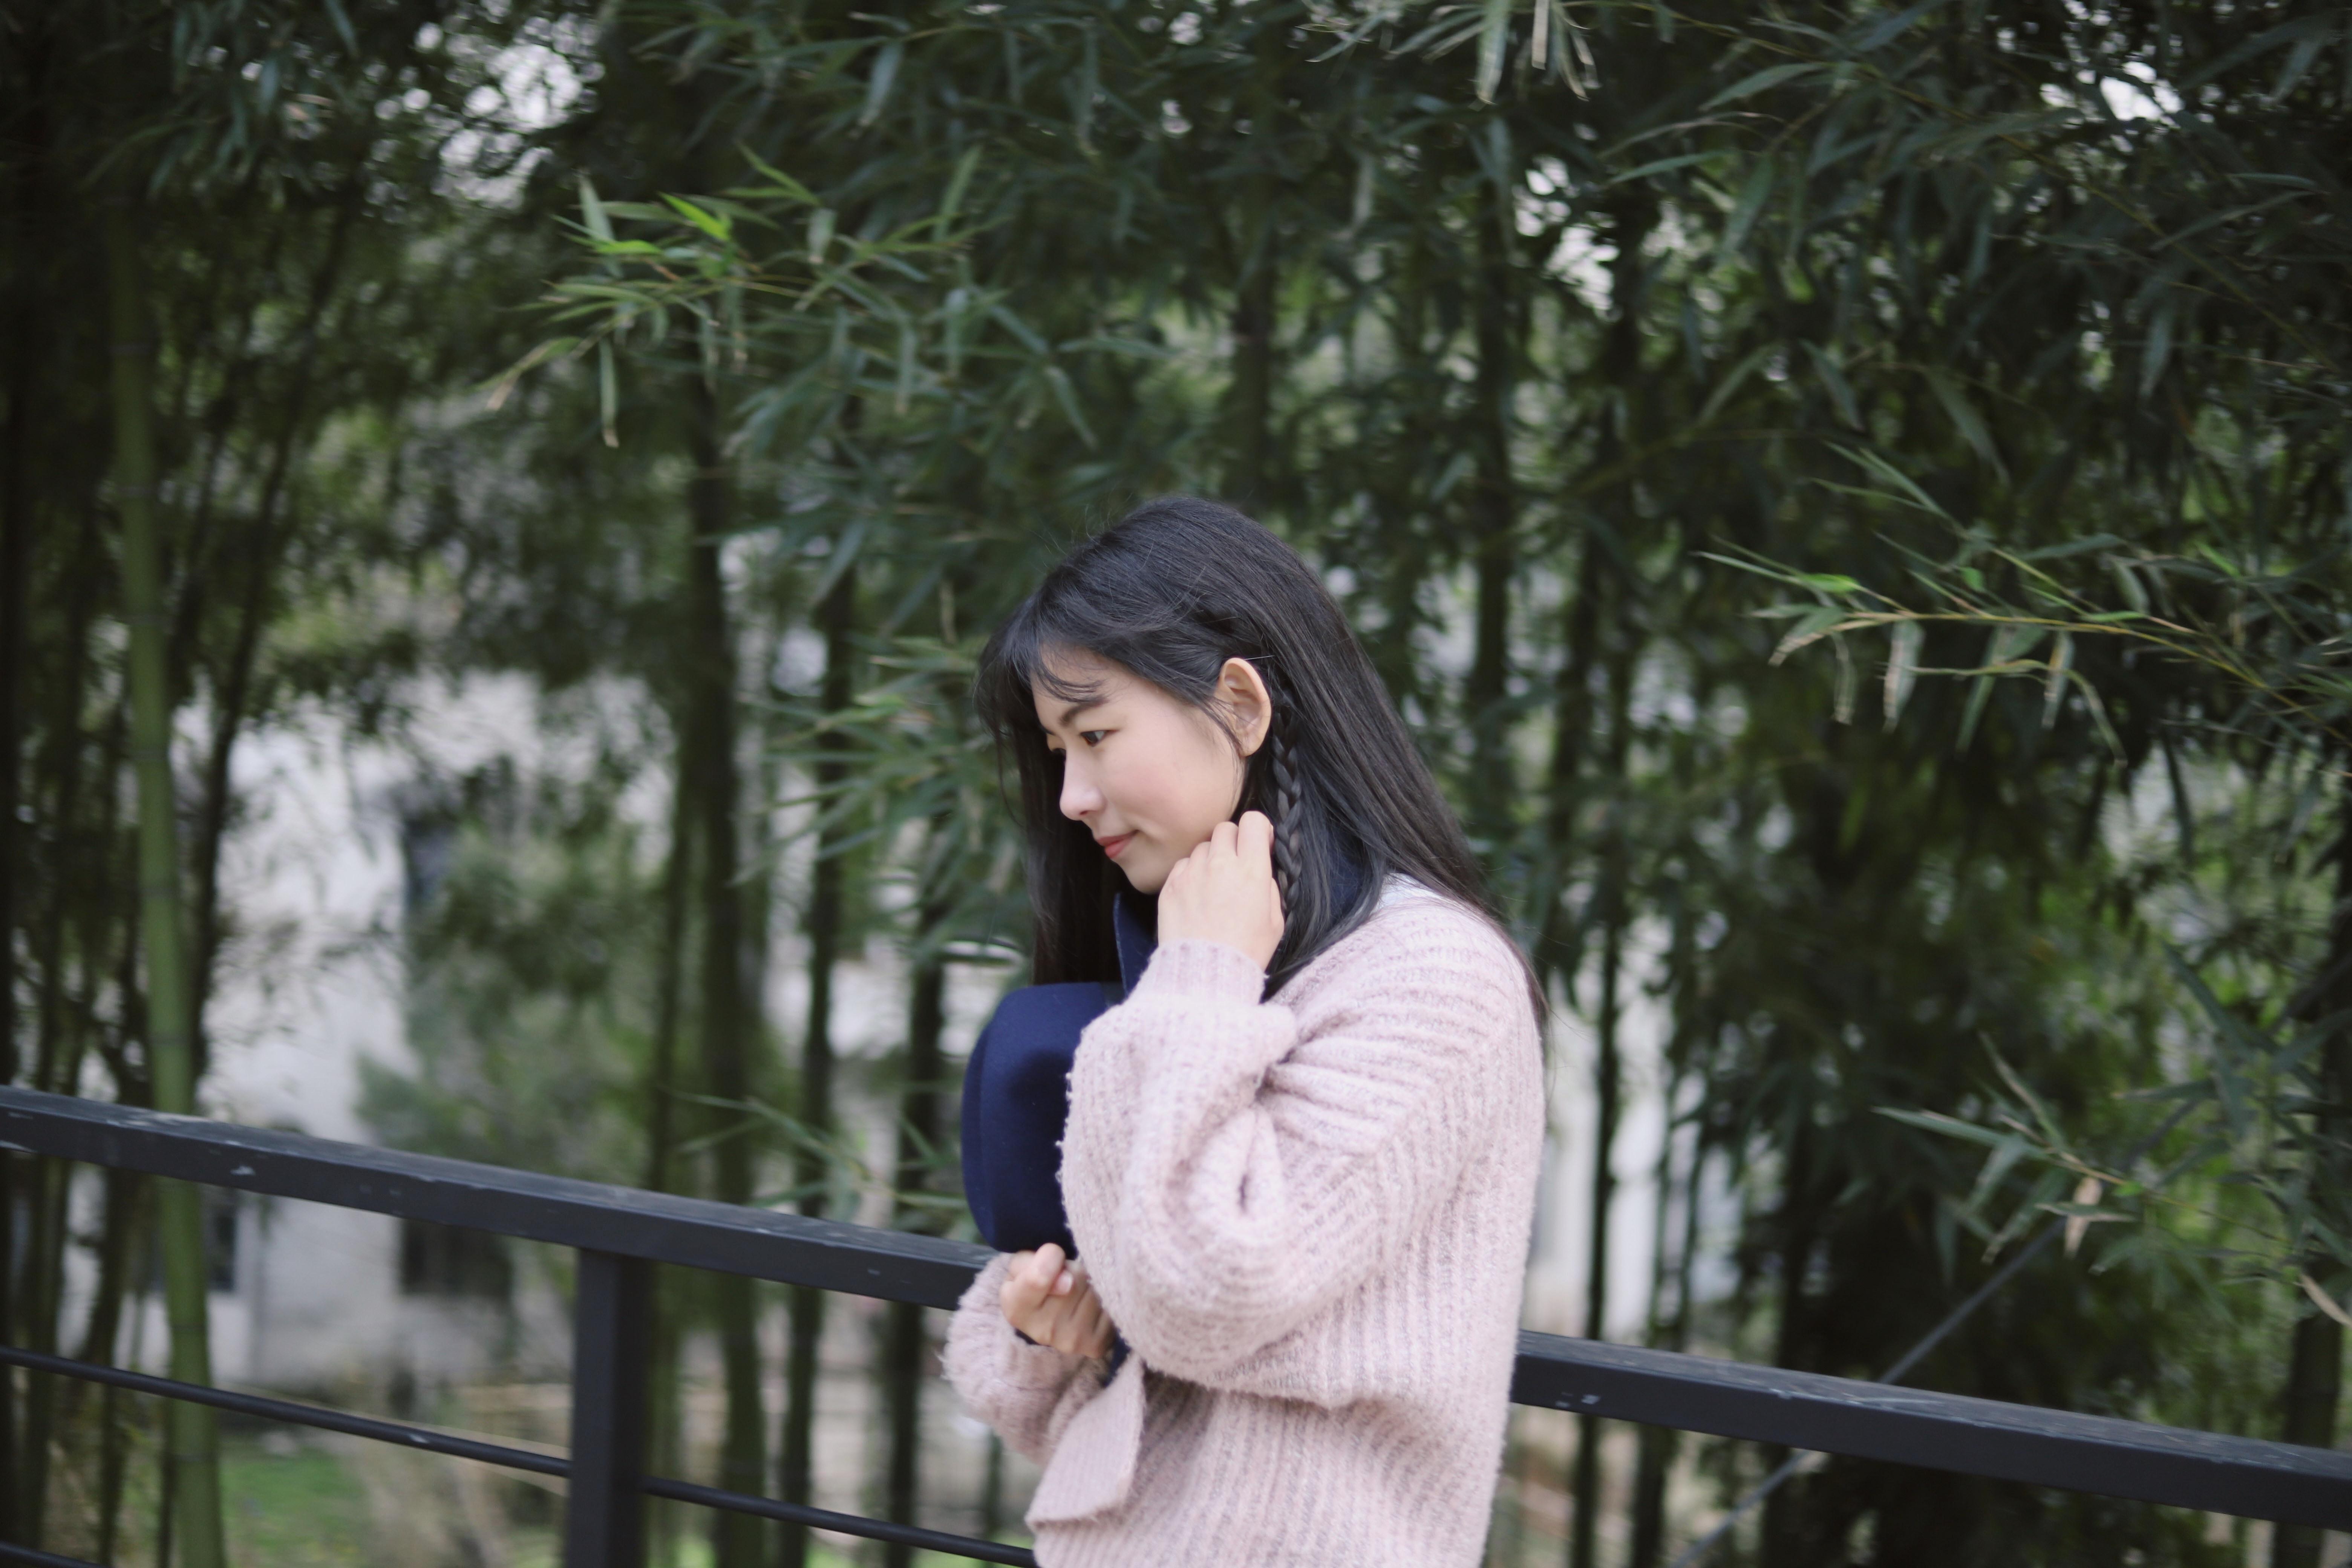 woman in pink sweatshirt standing near fence